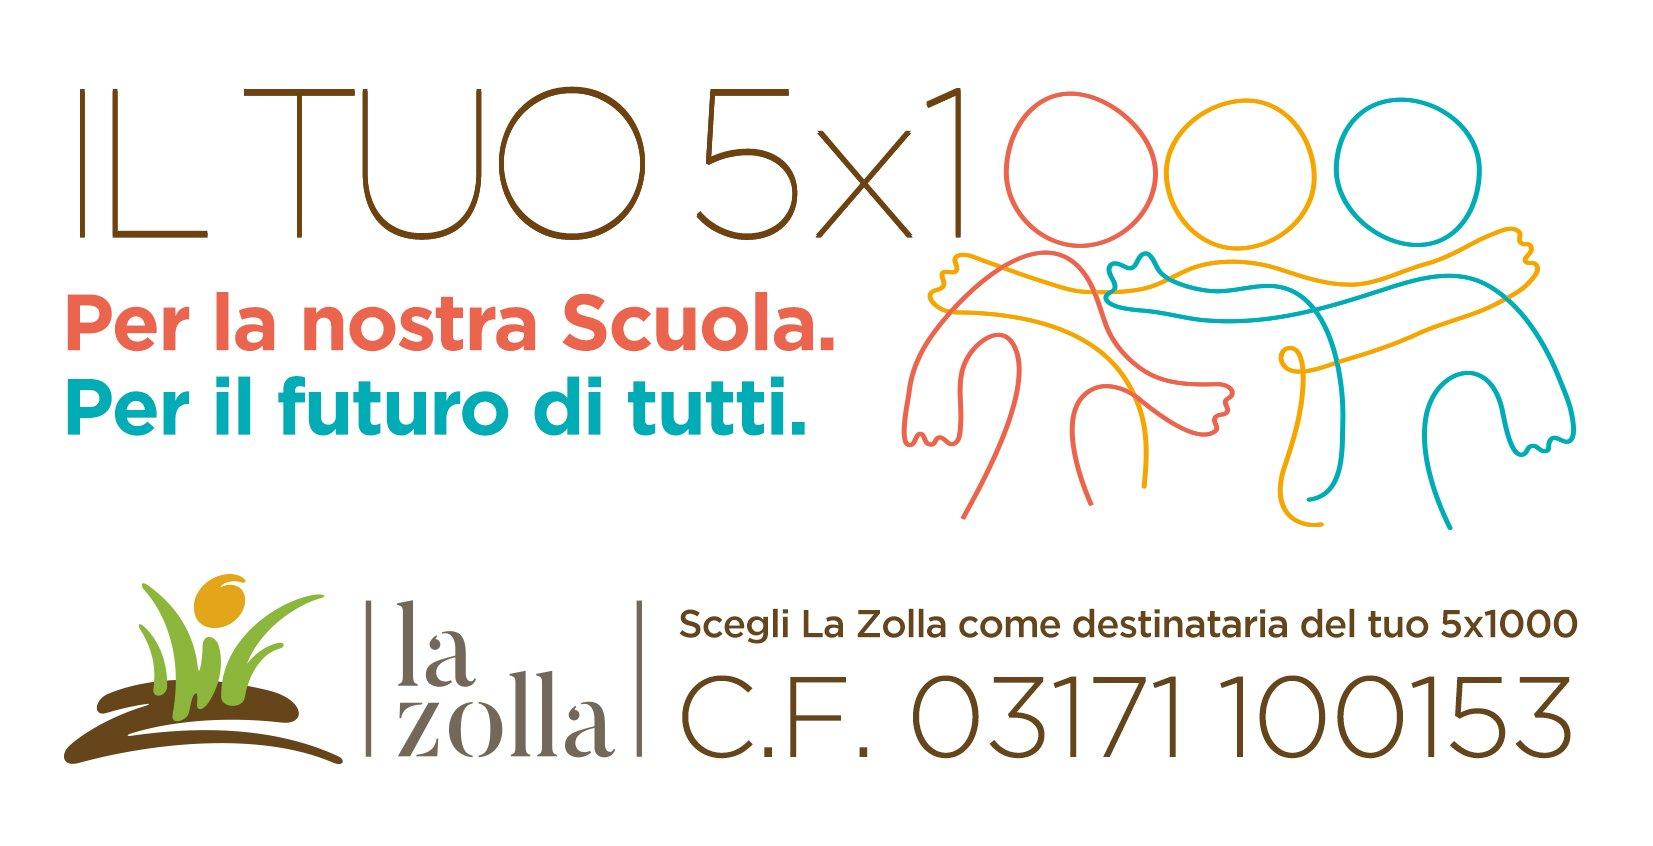 Dona il tuo 5x1000 alla Scuola La Zolla